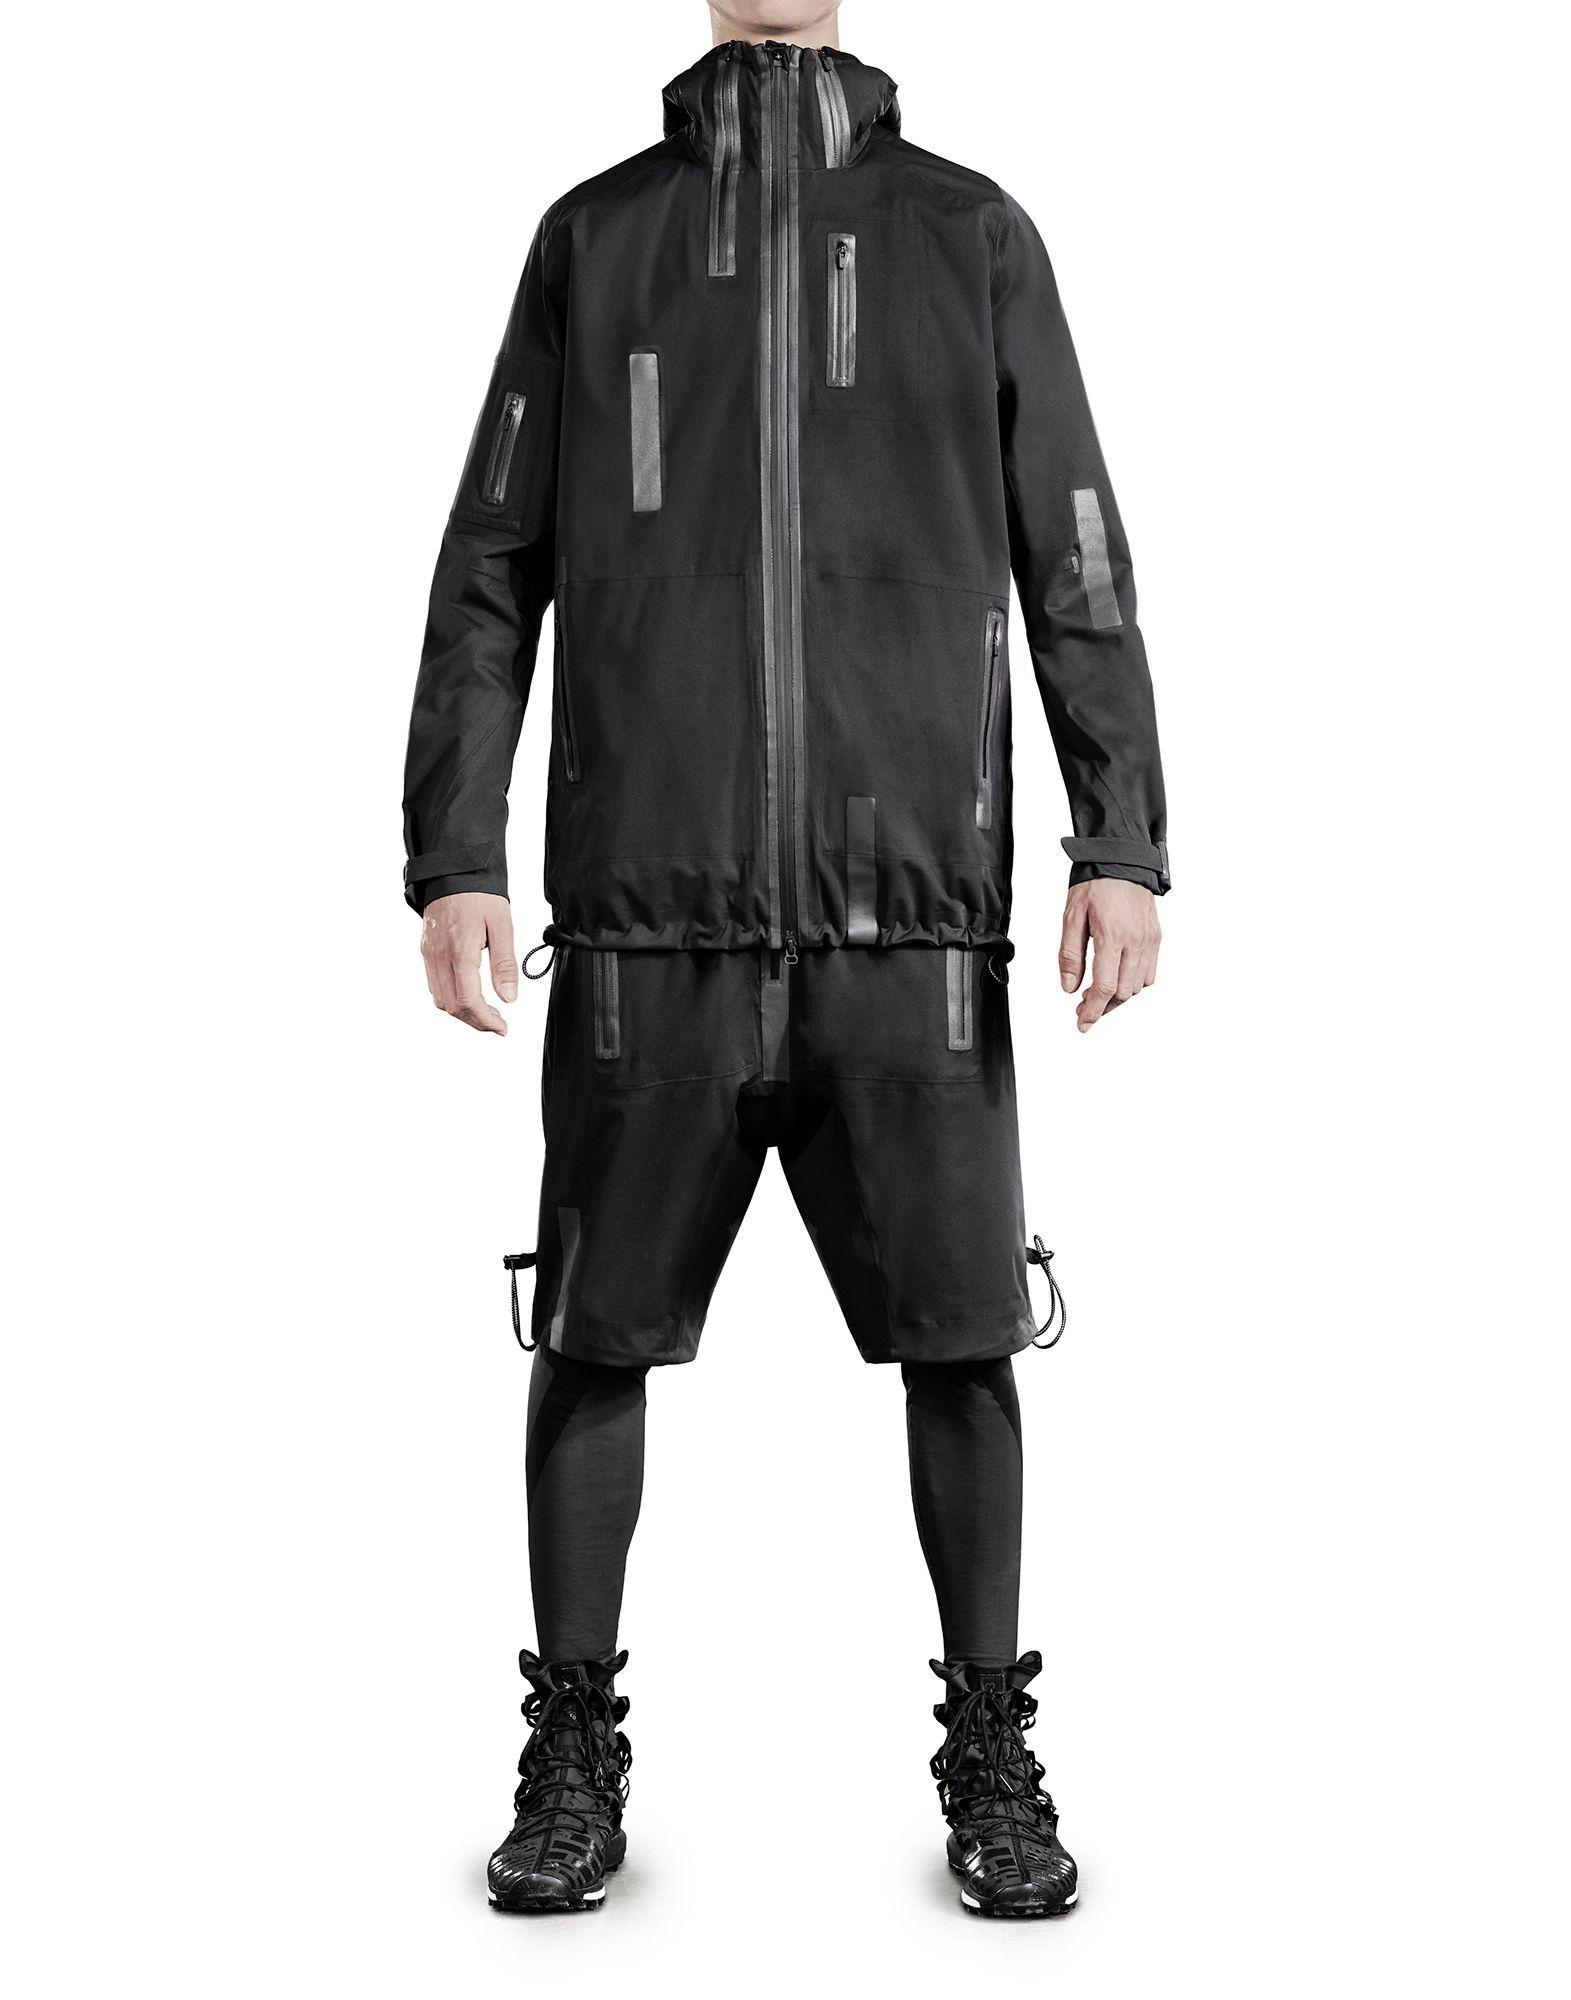 y 3 sport rain zip jacket m coats jackets man y 3 adidas stuff